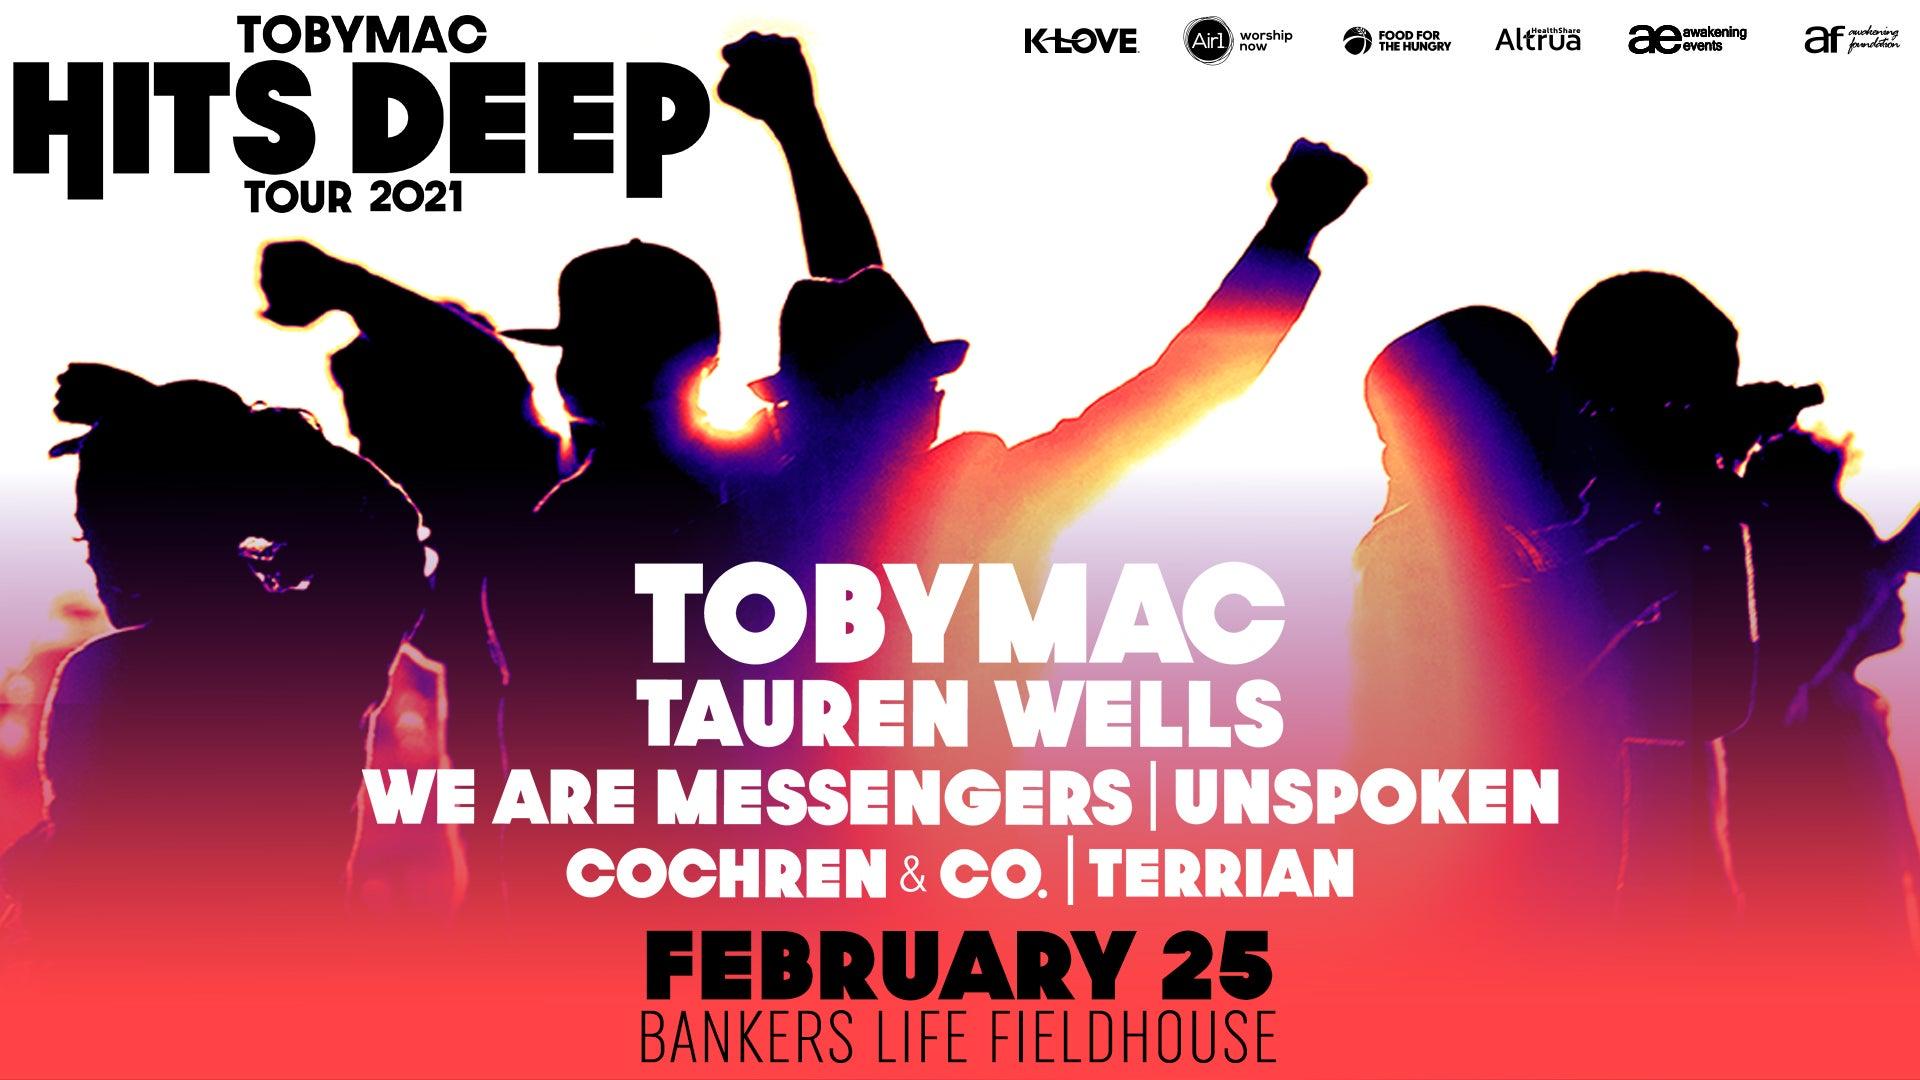 TOBYMAC Hits Deep Tour 2021